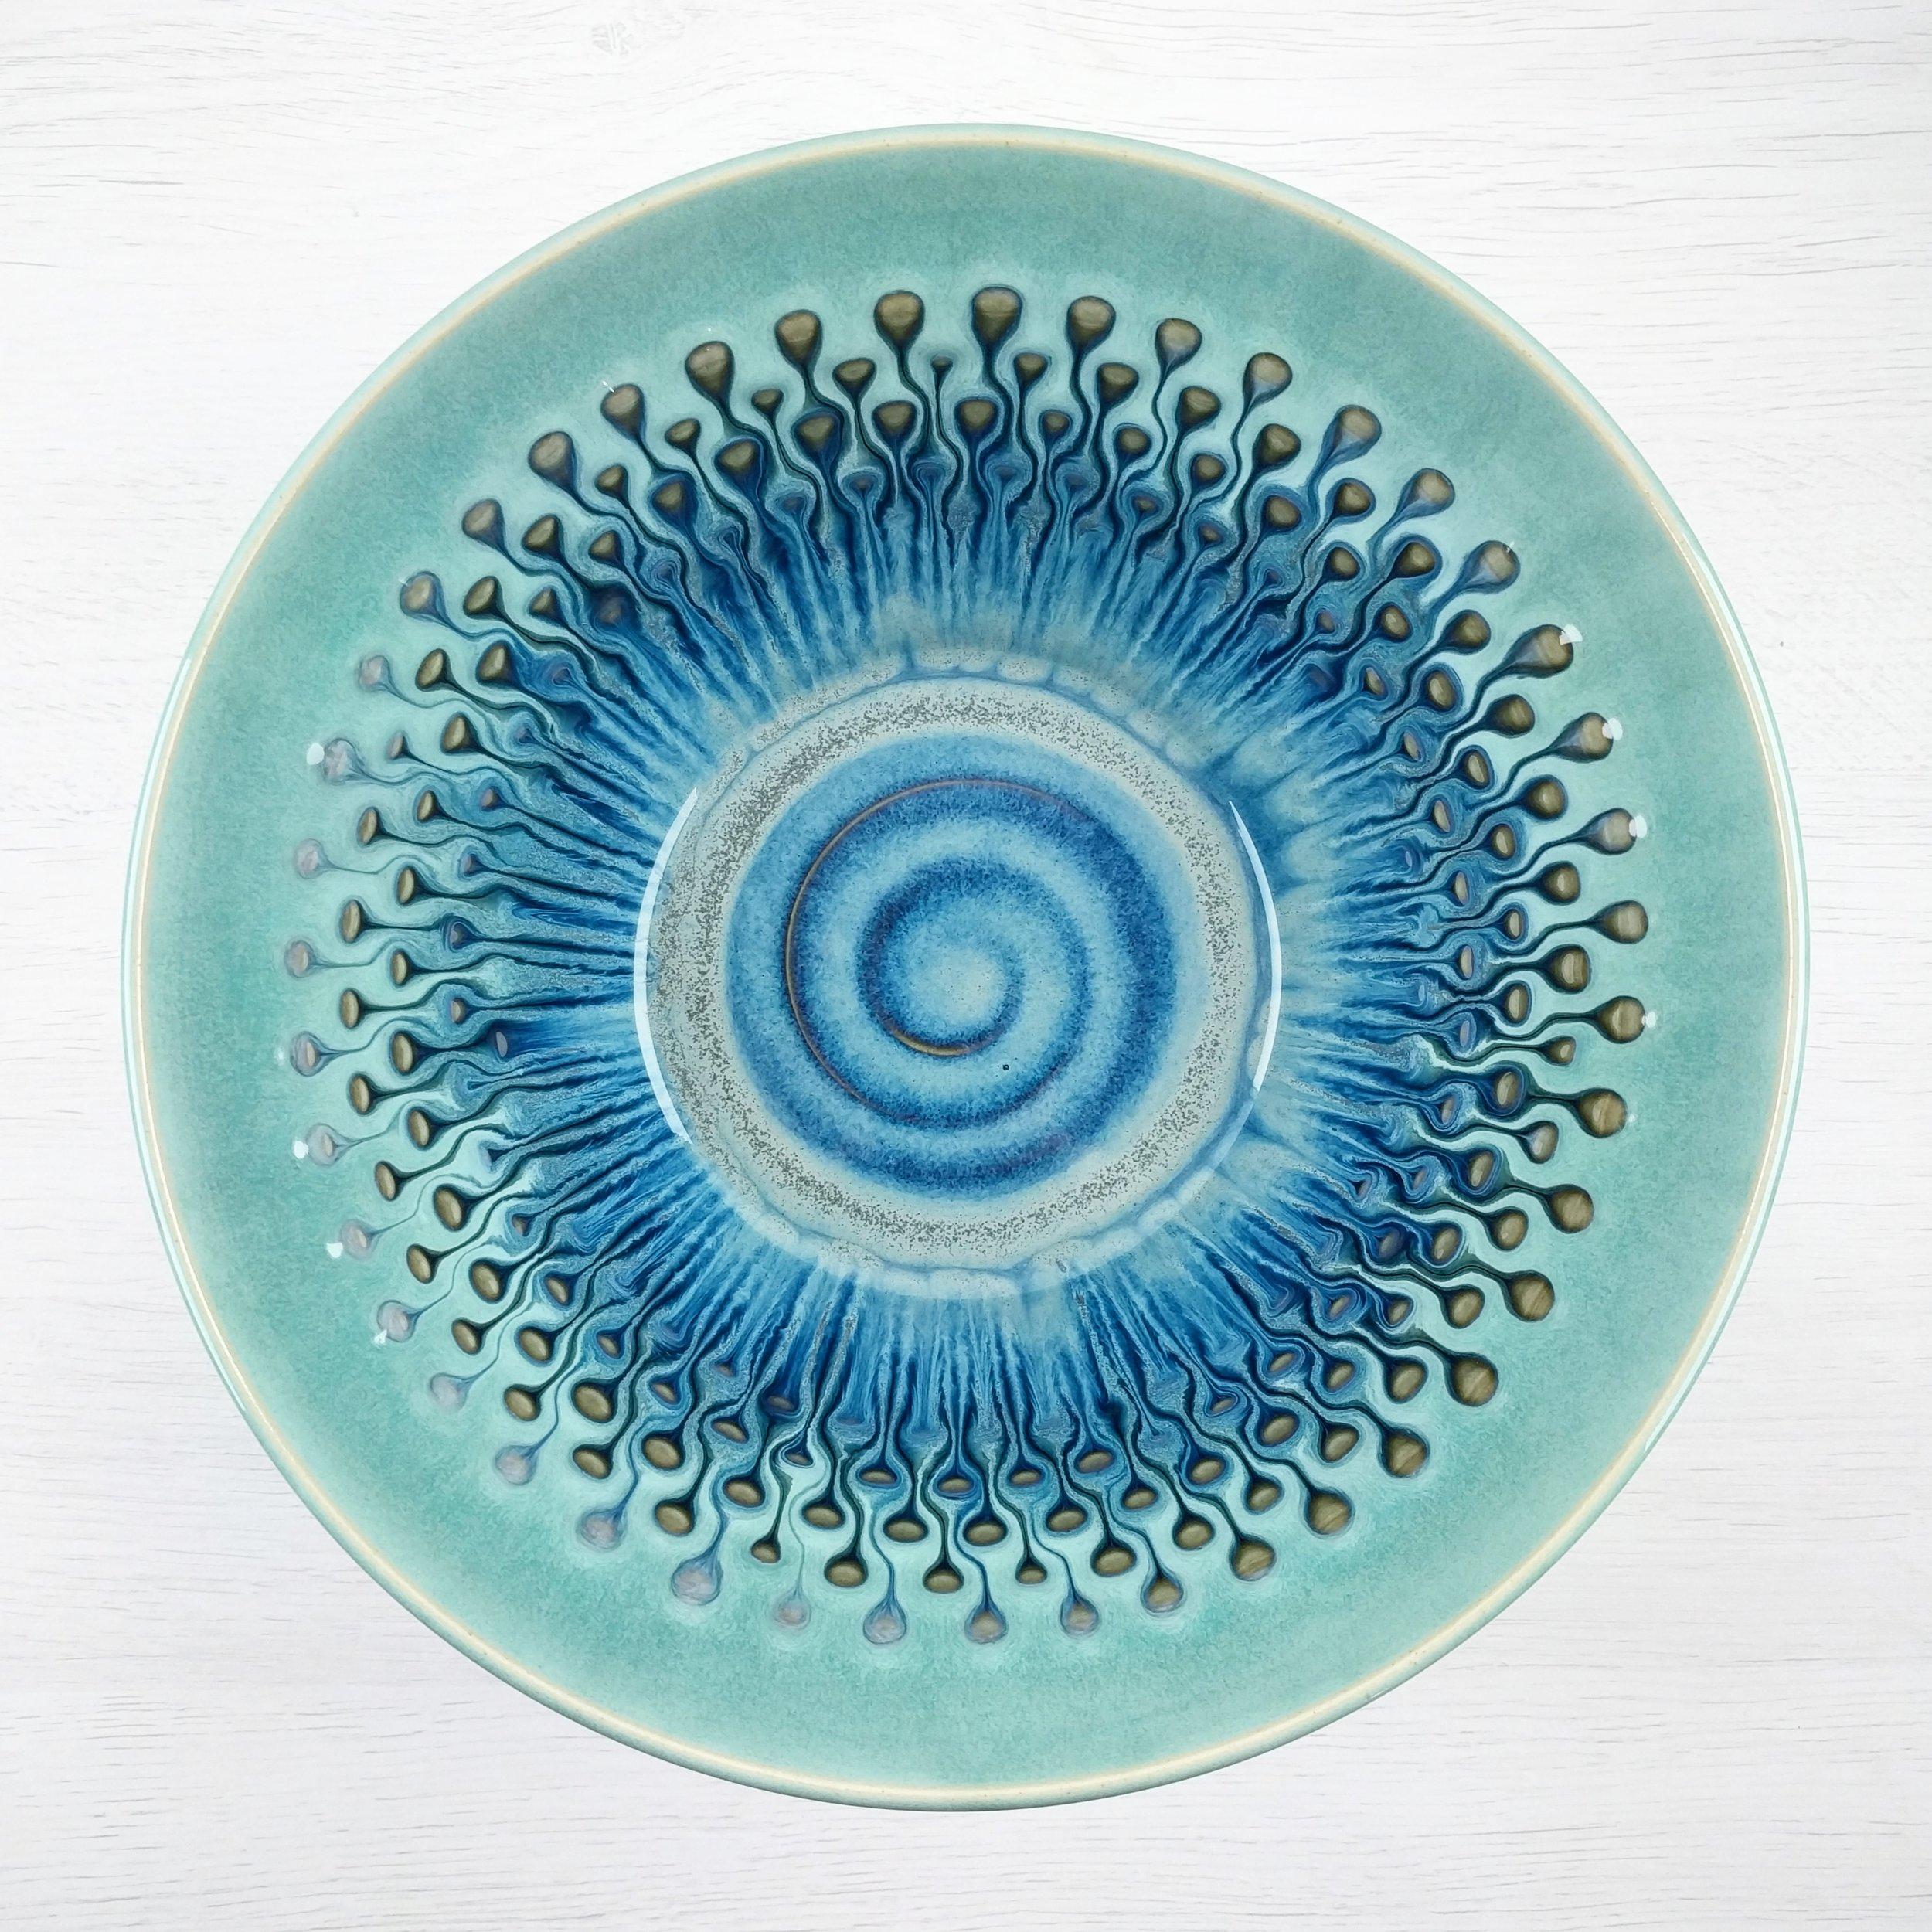 Large Bowl - Peacock Eye